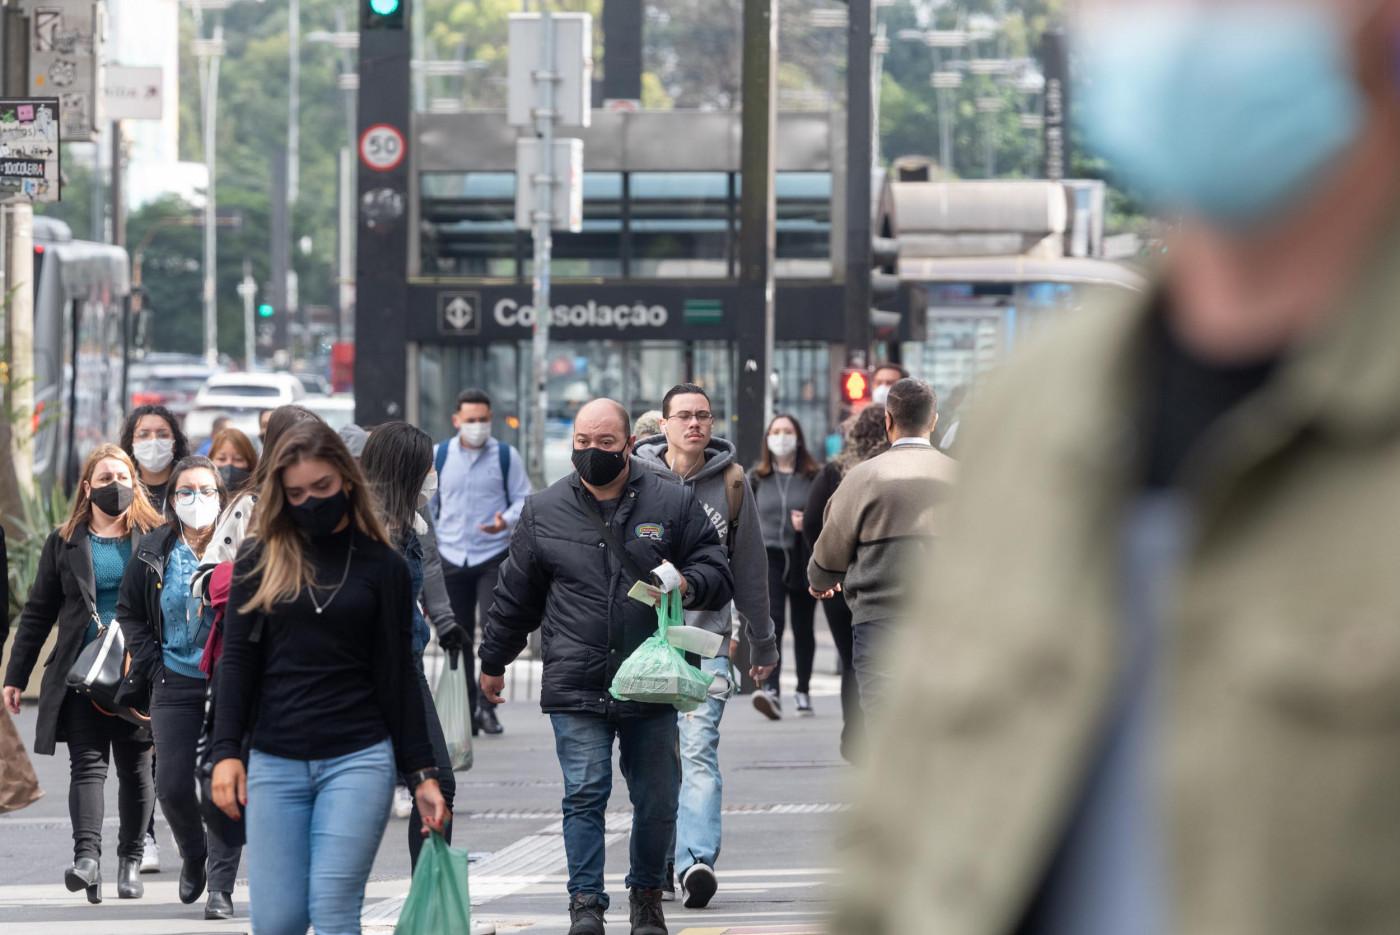 Movimentação na Avenida Paulista em São Paulo